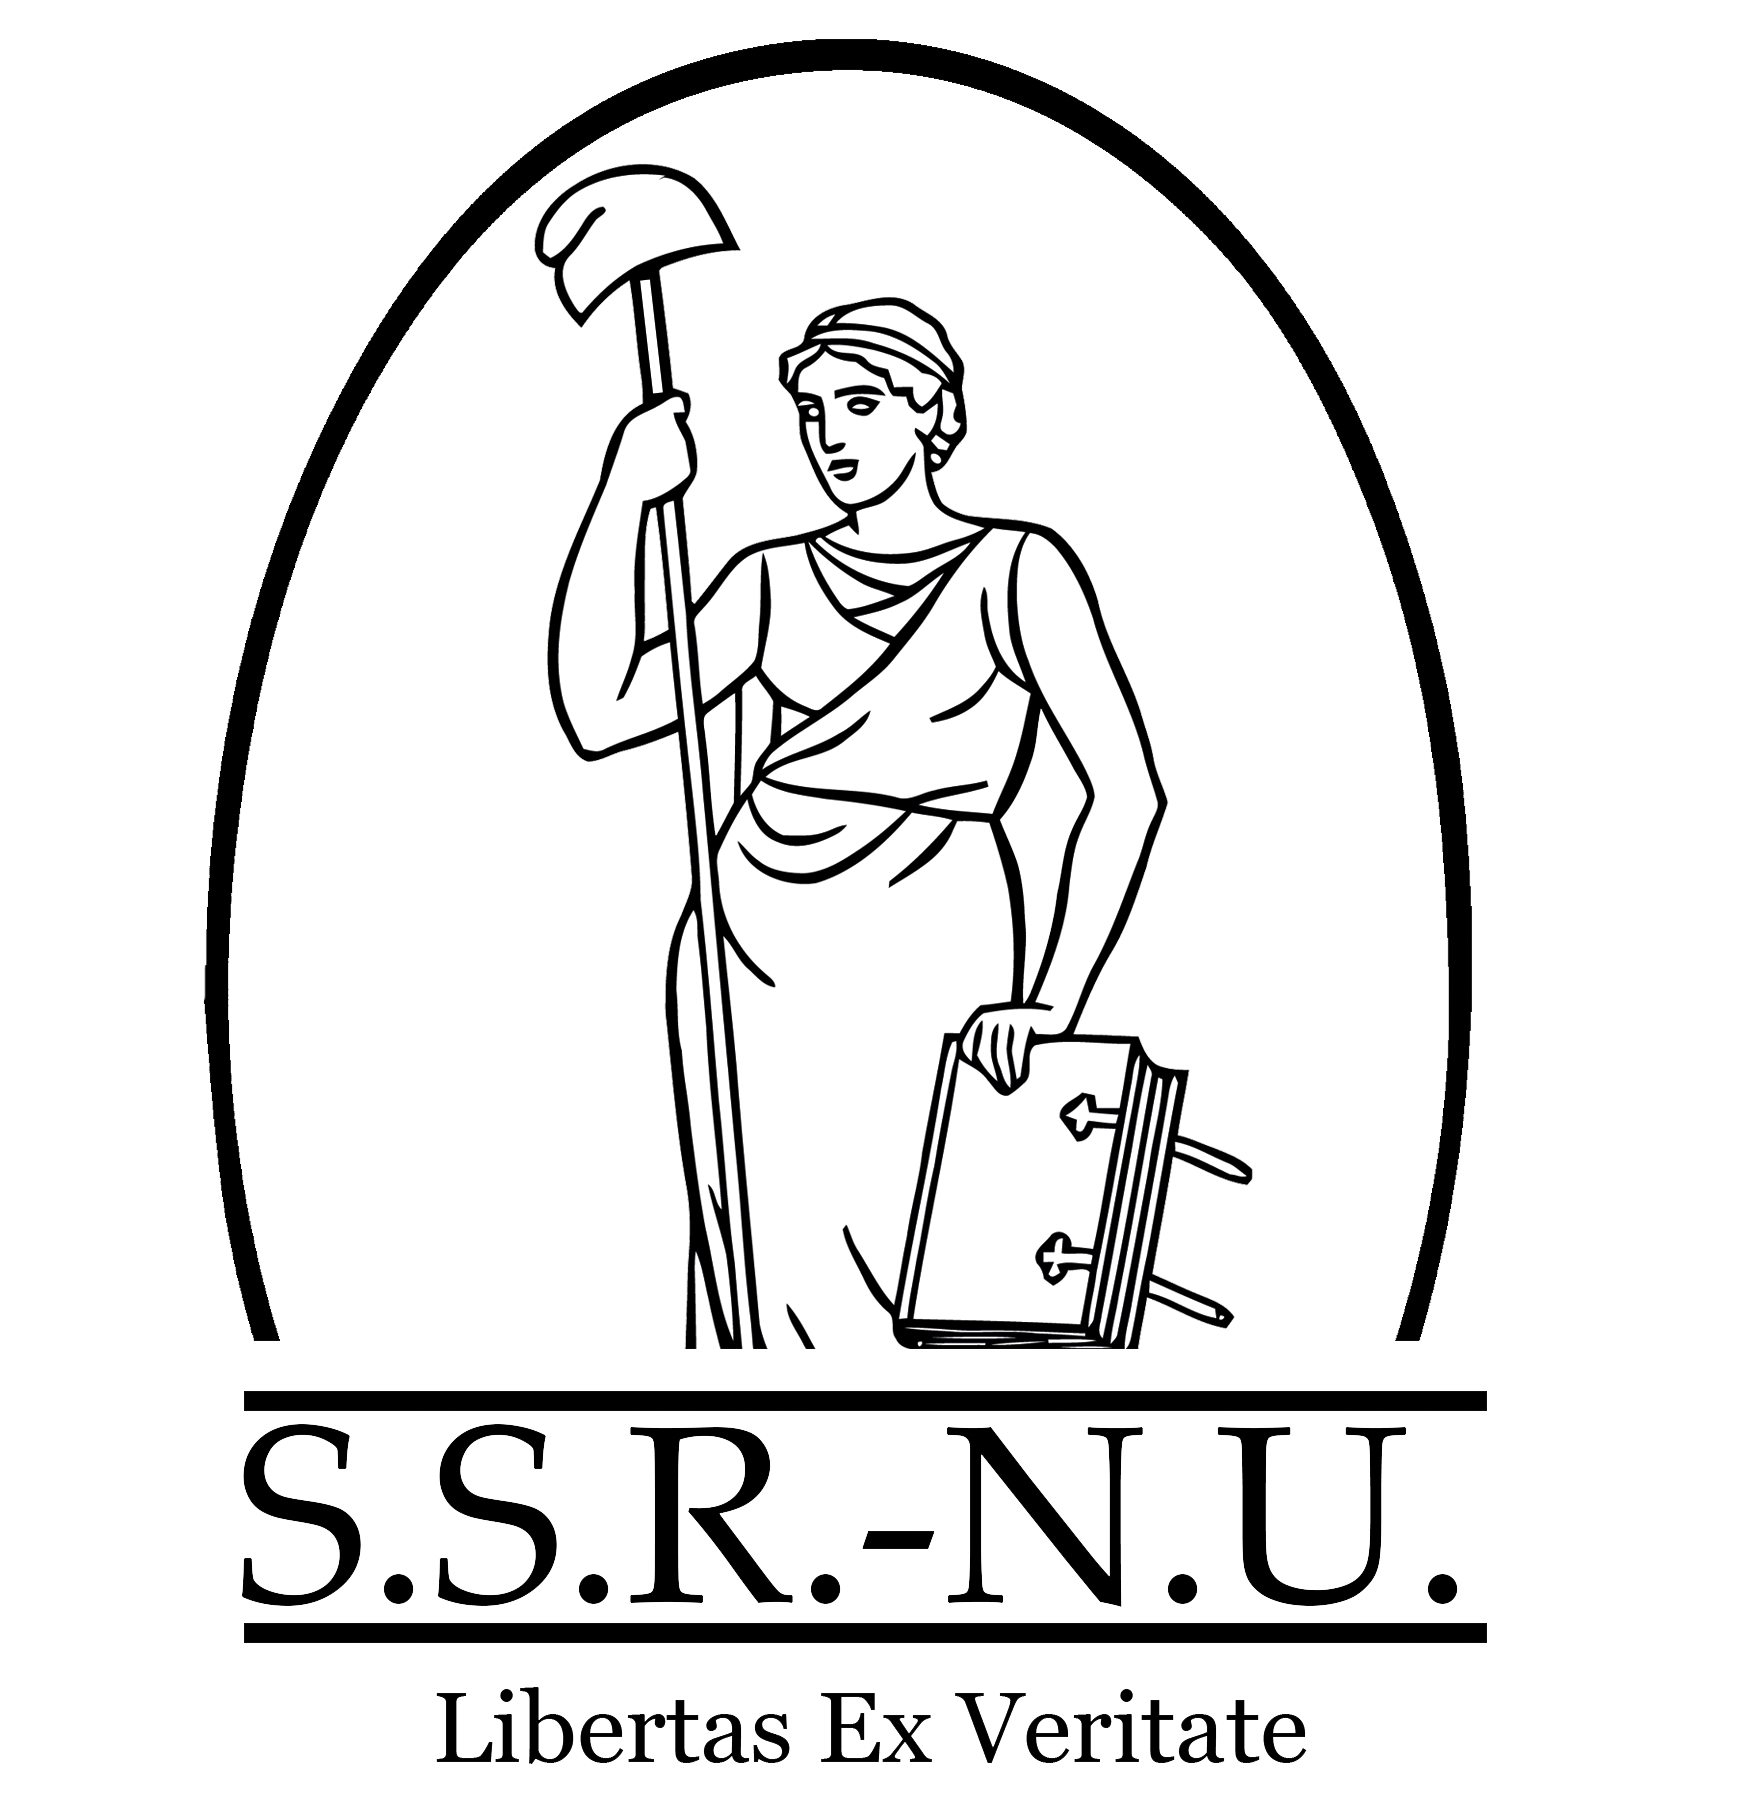 Nieuwe Afdeling Utrecht der Sociëtas Studiosorum Reformatorum (S.S.R.-N.U.)